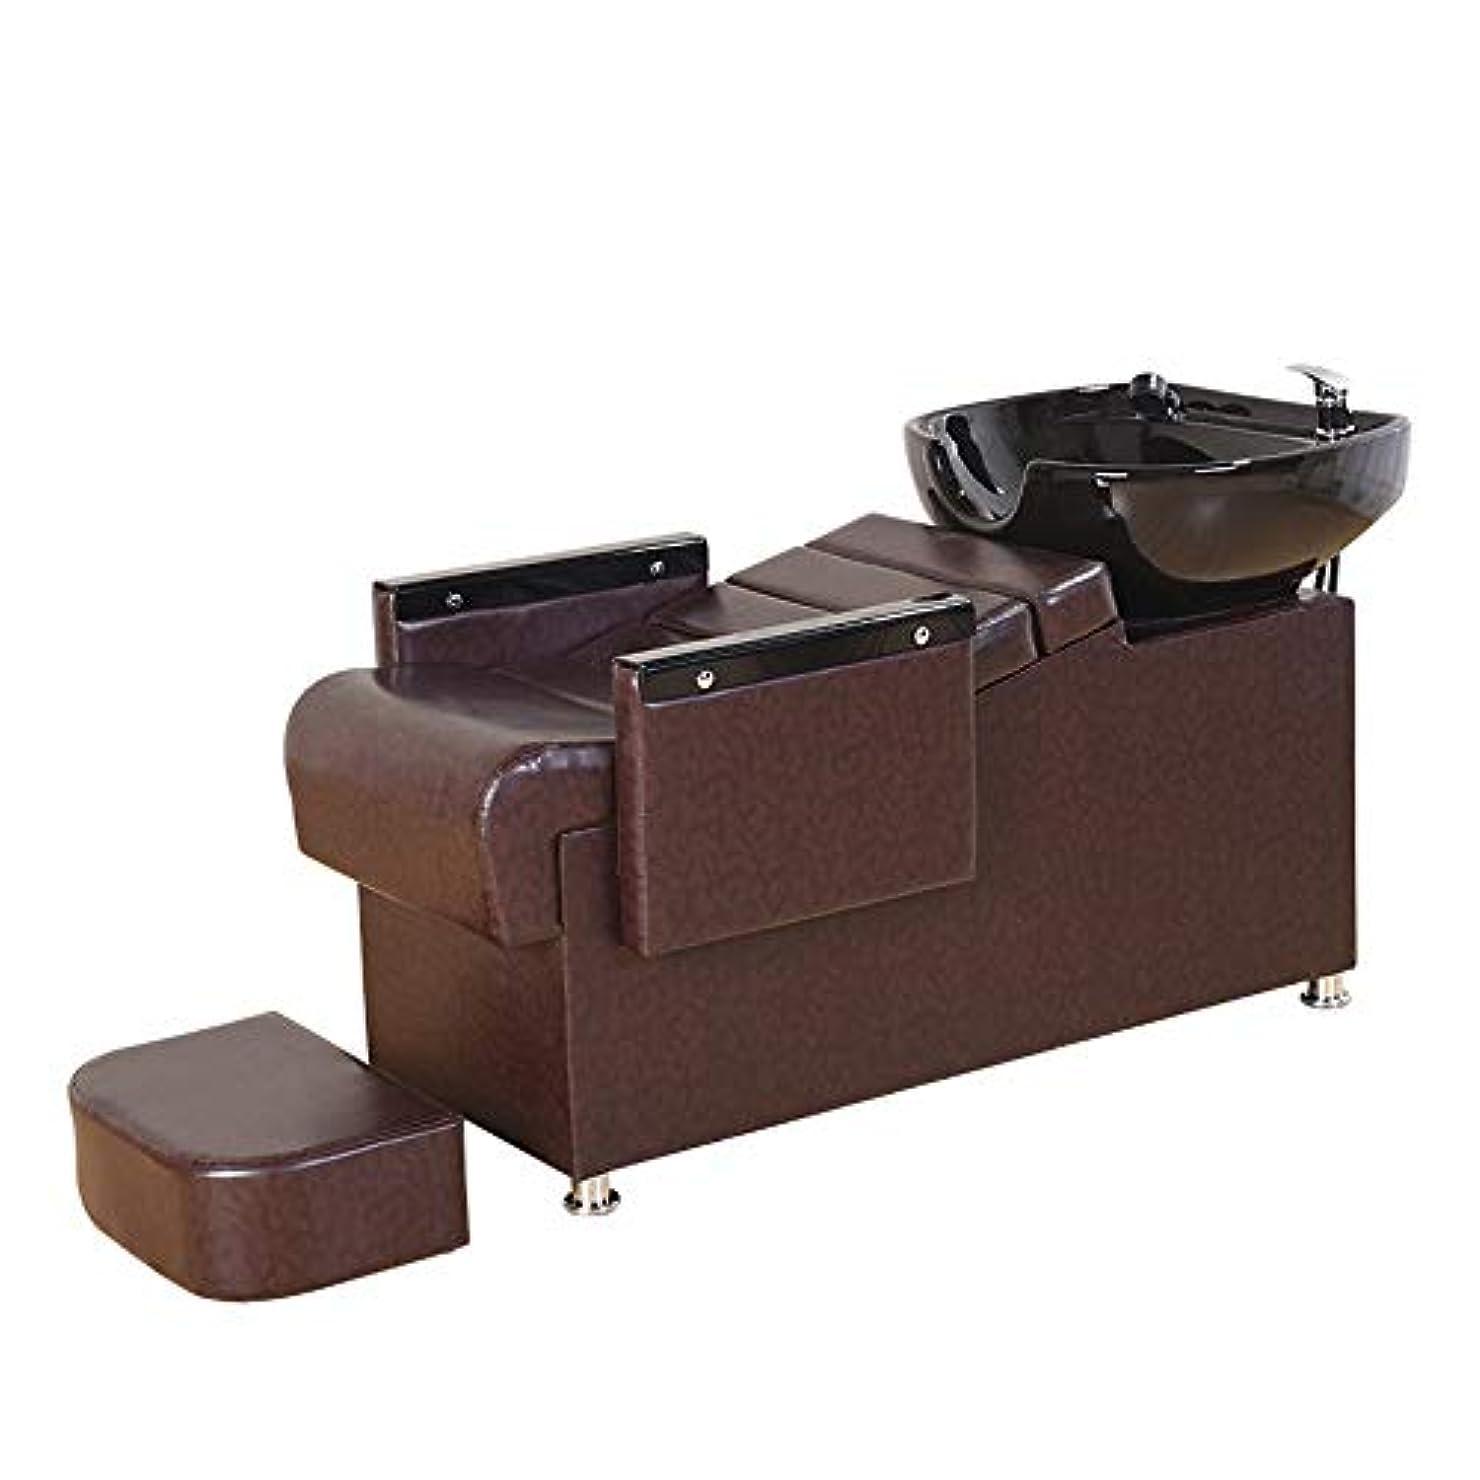 関係する気をつけて良性シャンプー椅子、逆洗ユニットシャンプーボウル理髪店フラッシングベッド美容院シンク椅子用スパ美容院機器